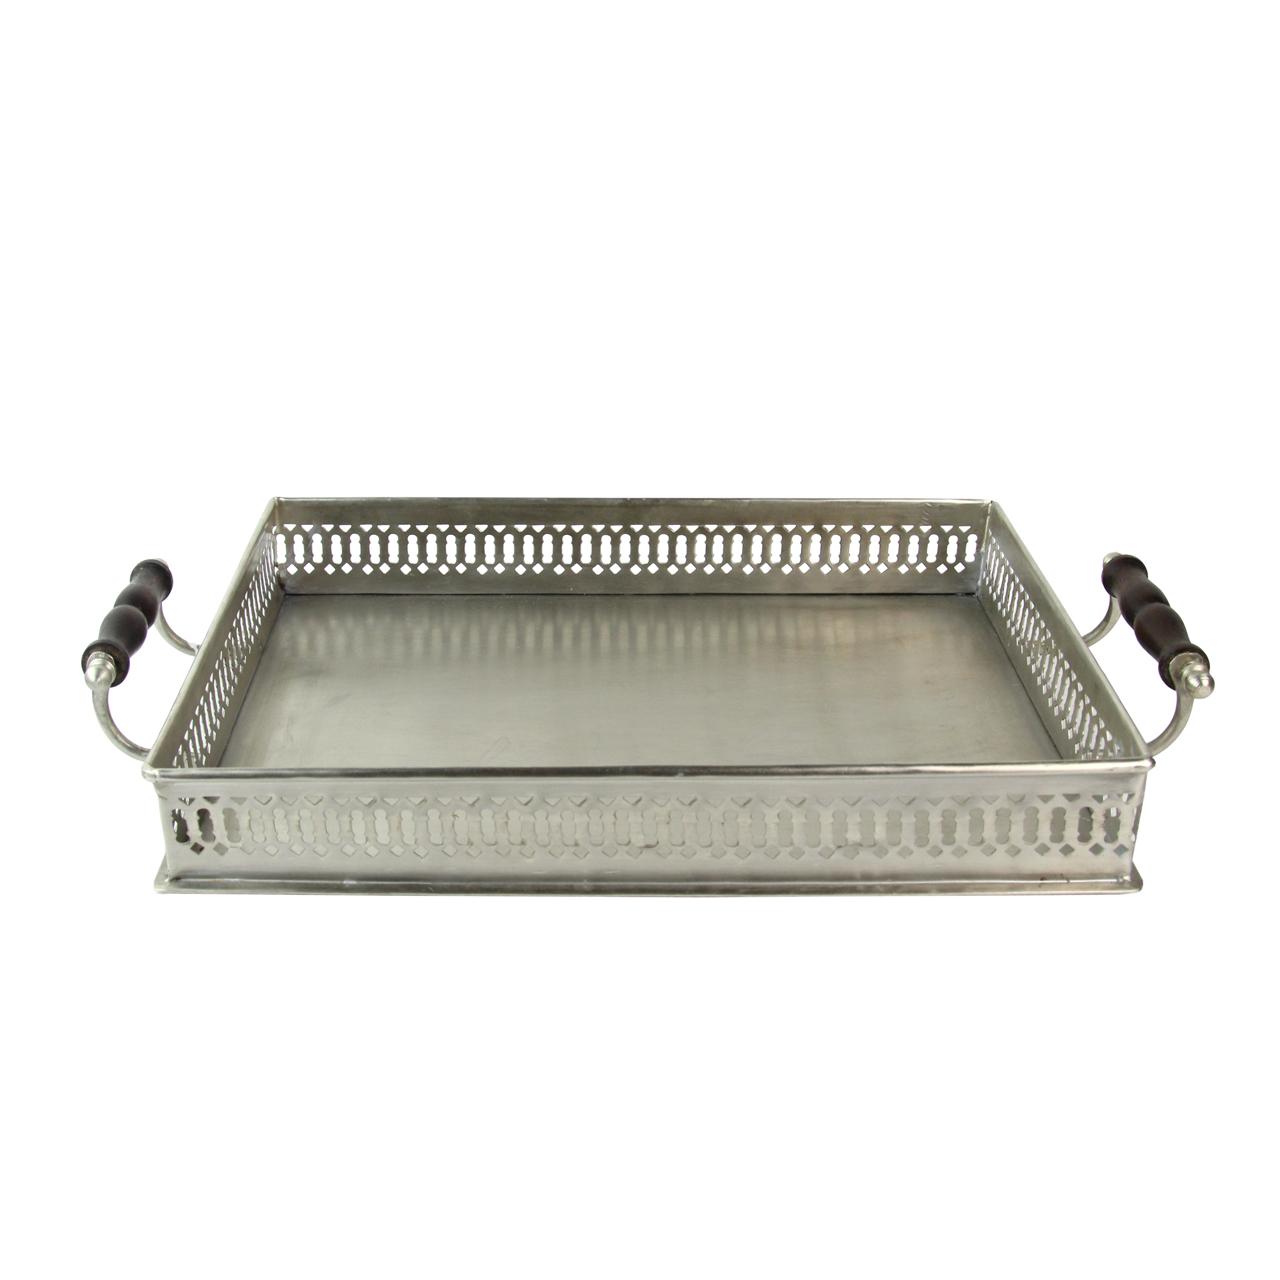 Tava Cu Manere Din Metal Argintiu 46x26 Cm